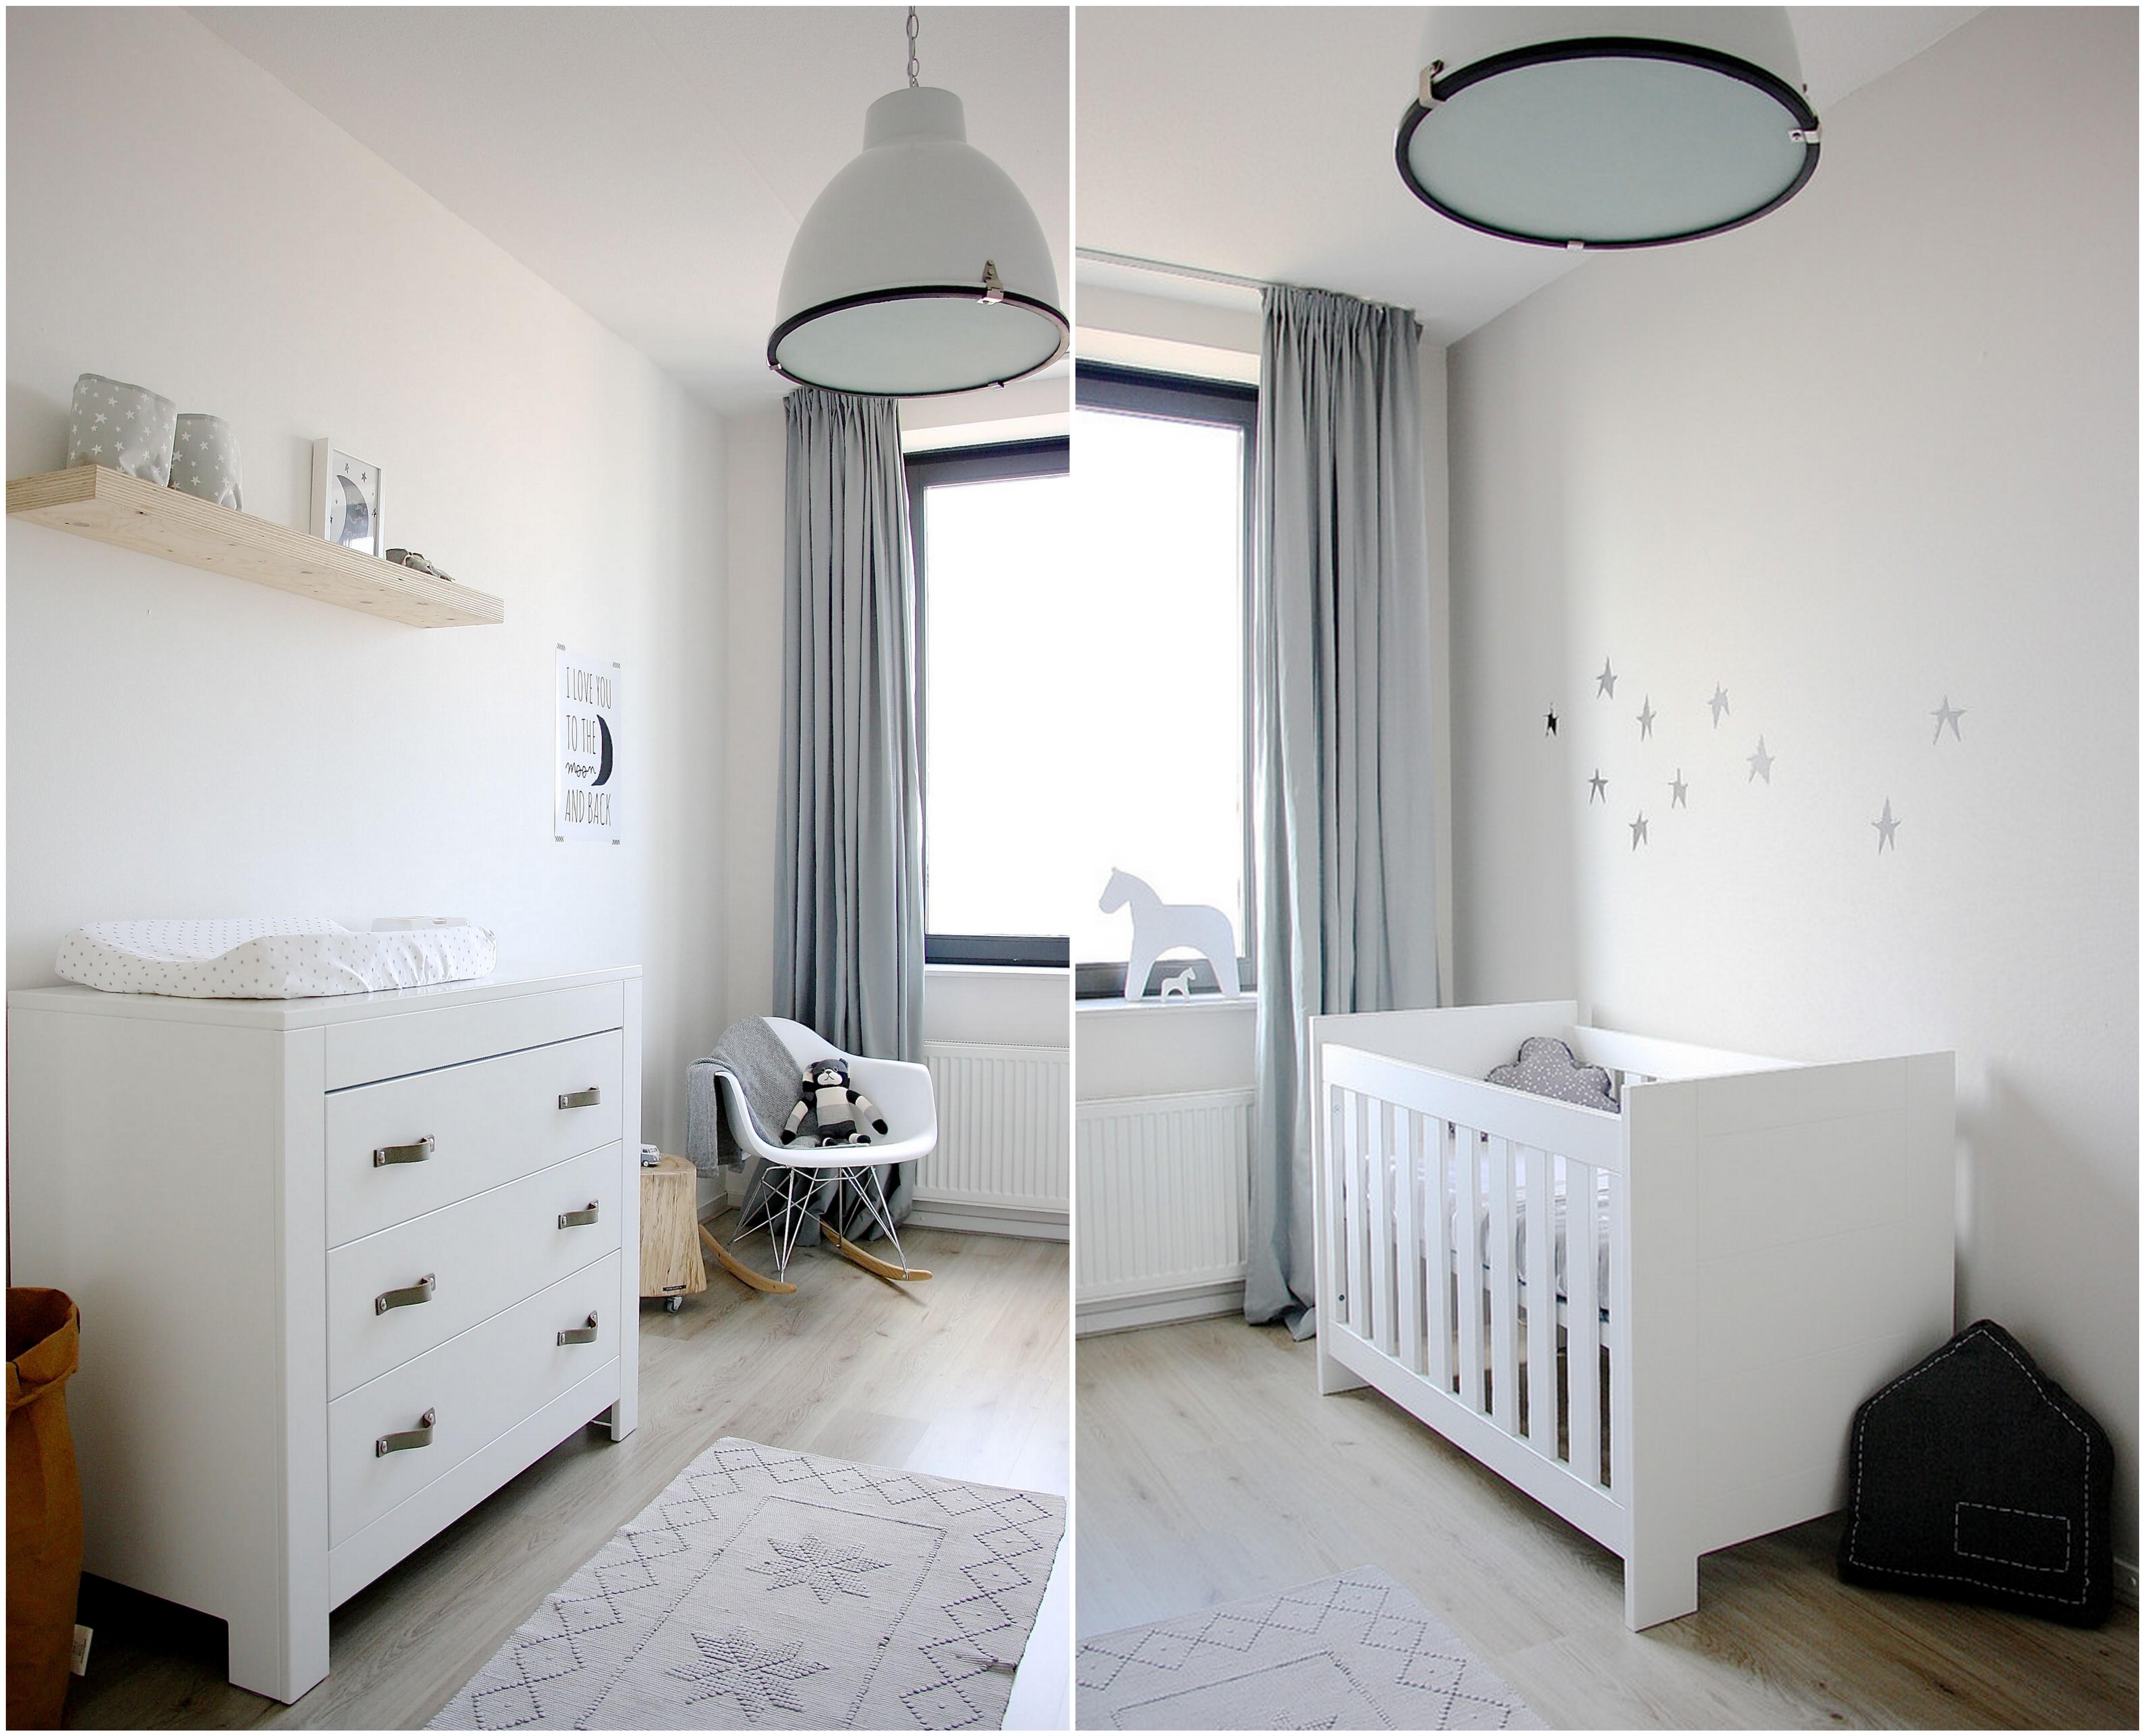 Idee Deco Chambre Claire déco d'appartement dans l'esprit chic - éclectique au cœur d